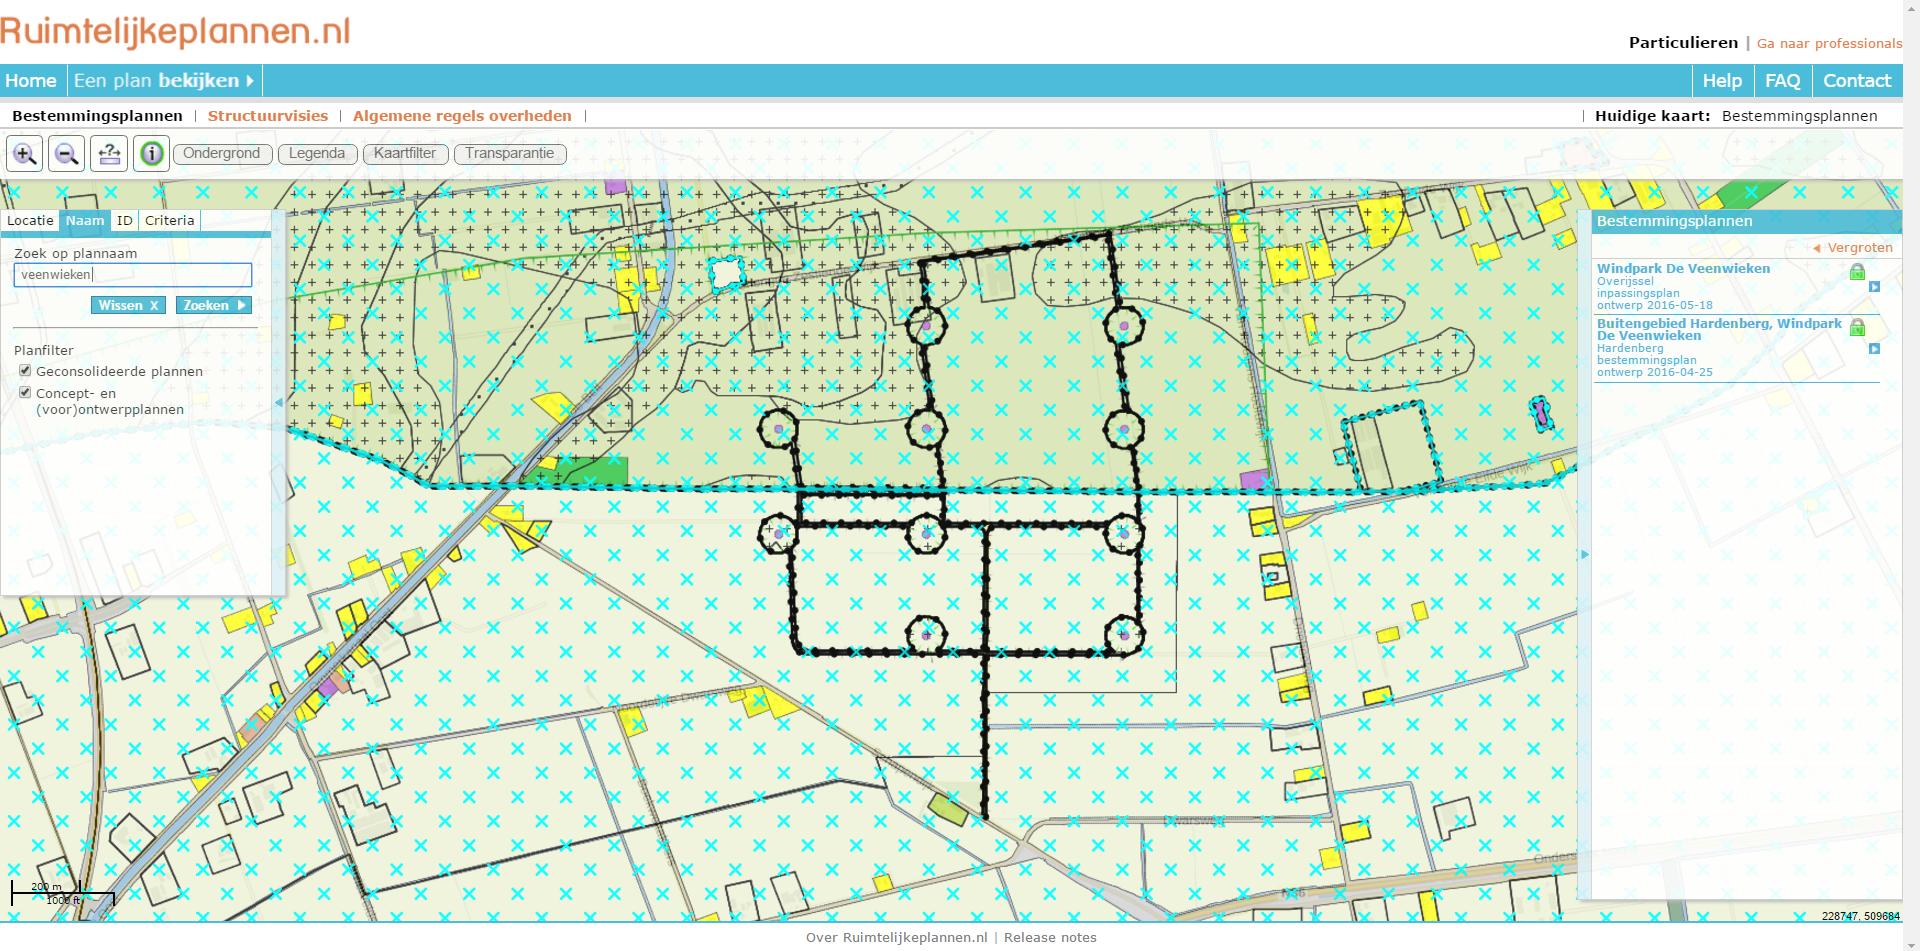 Commissie m.e.r.: Milieueffectrapport voor Windpark De Veenwieken compleet